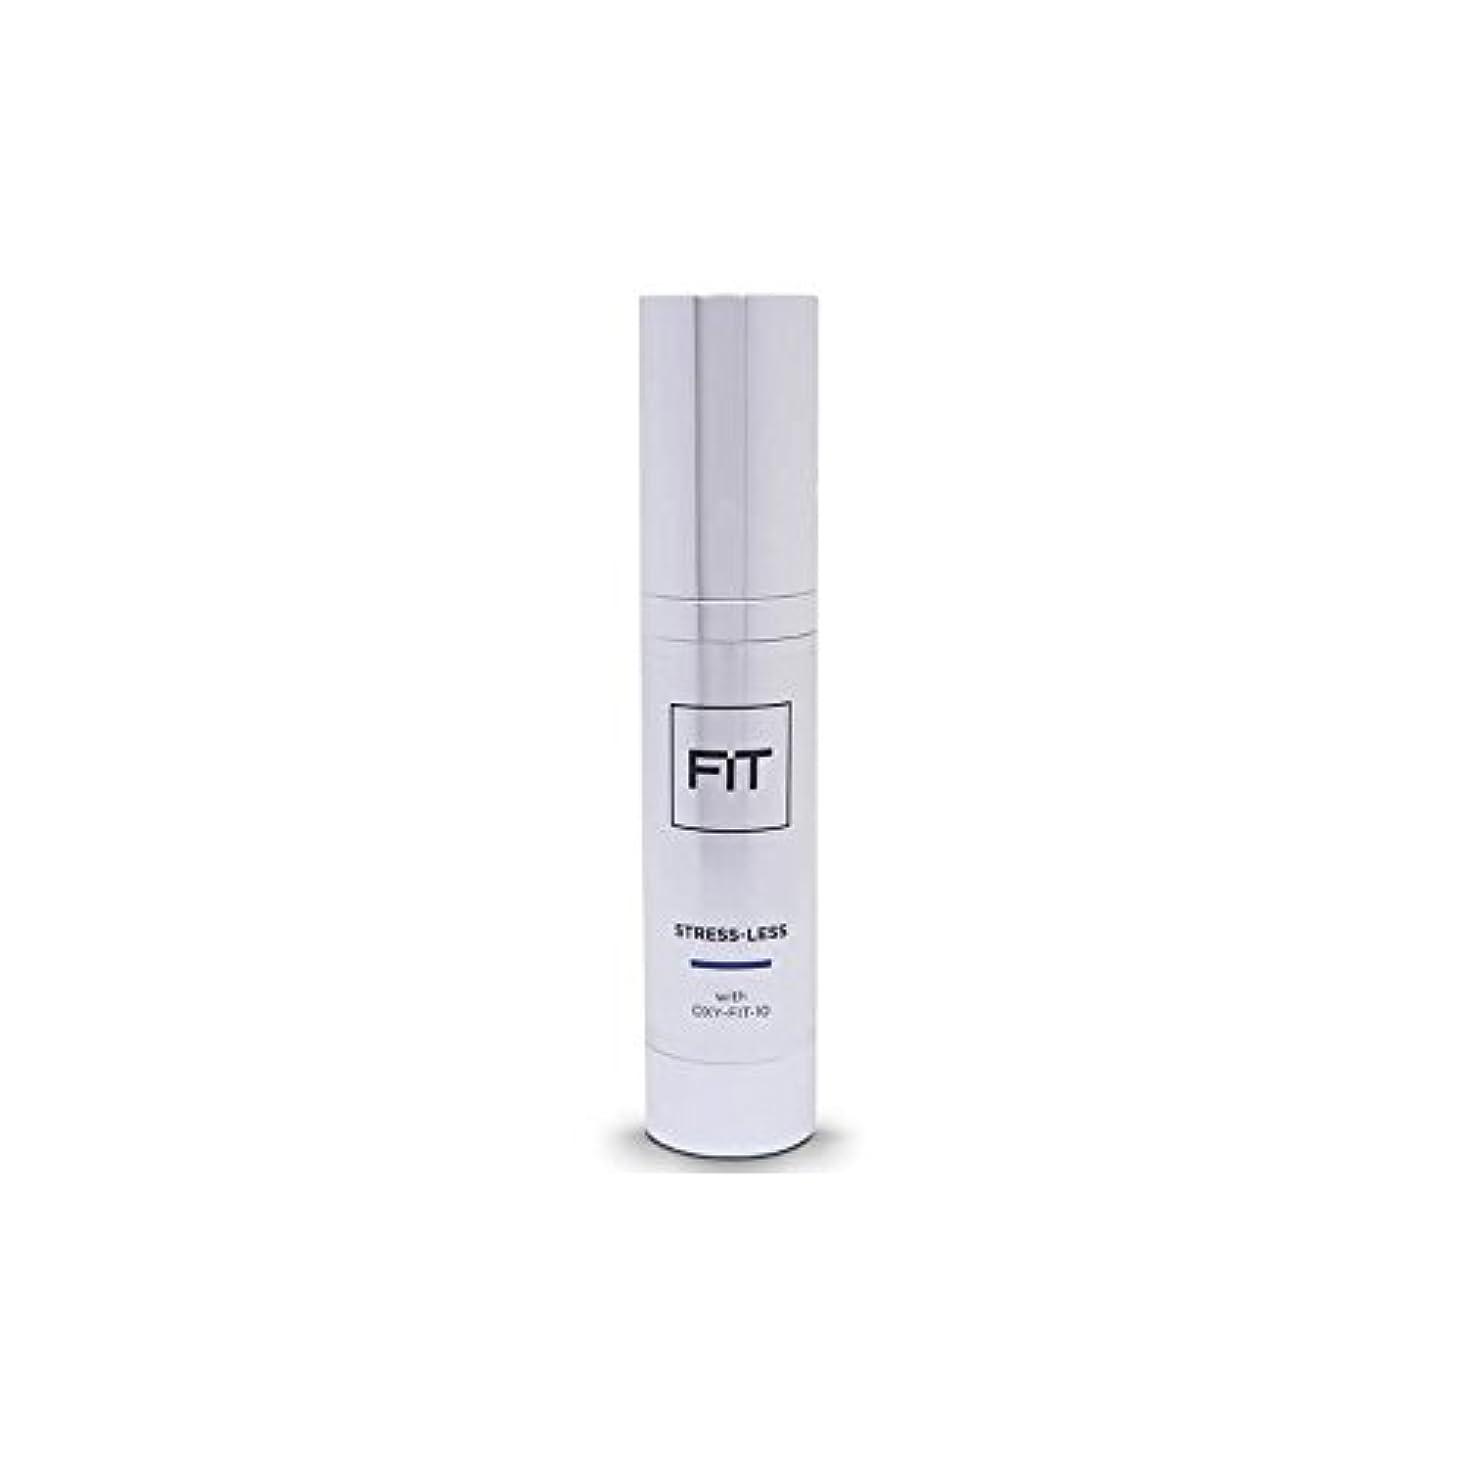 財産周術期ペットフィットストレスレス目の血清20ミリリットル x4 - Fit Stress Less Eye Serum 20ml (Pack of 4) [並行輸入品]